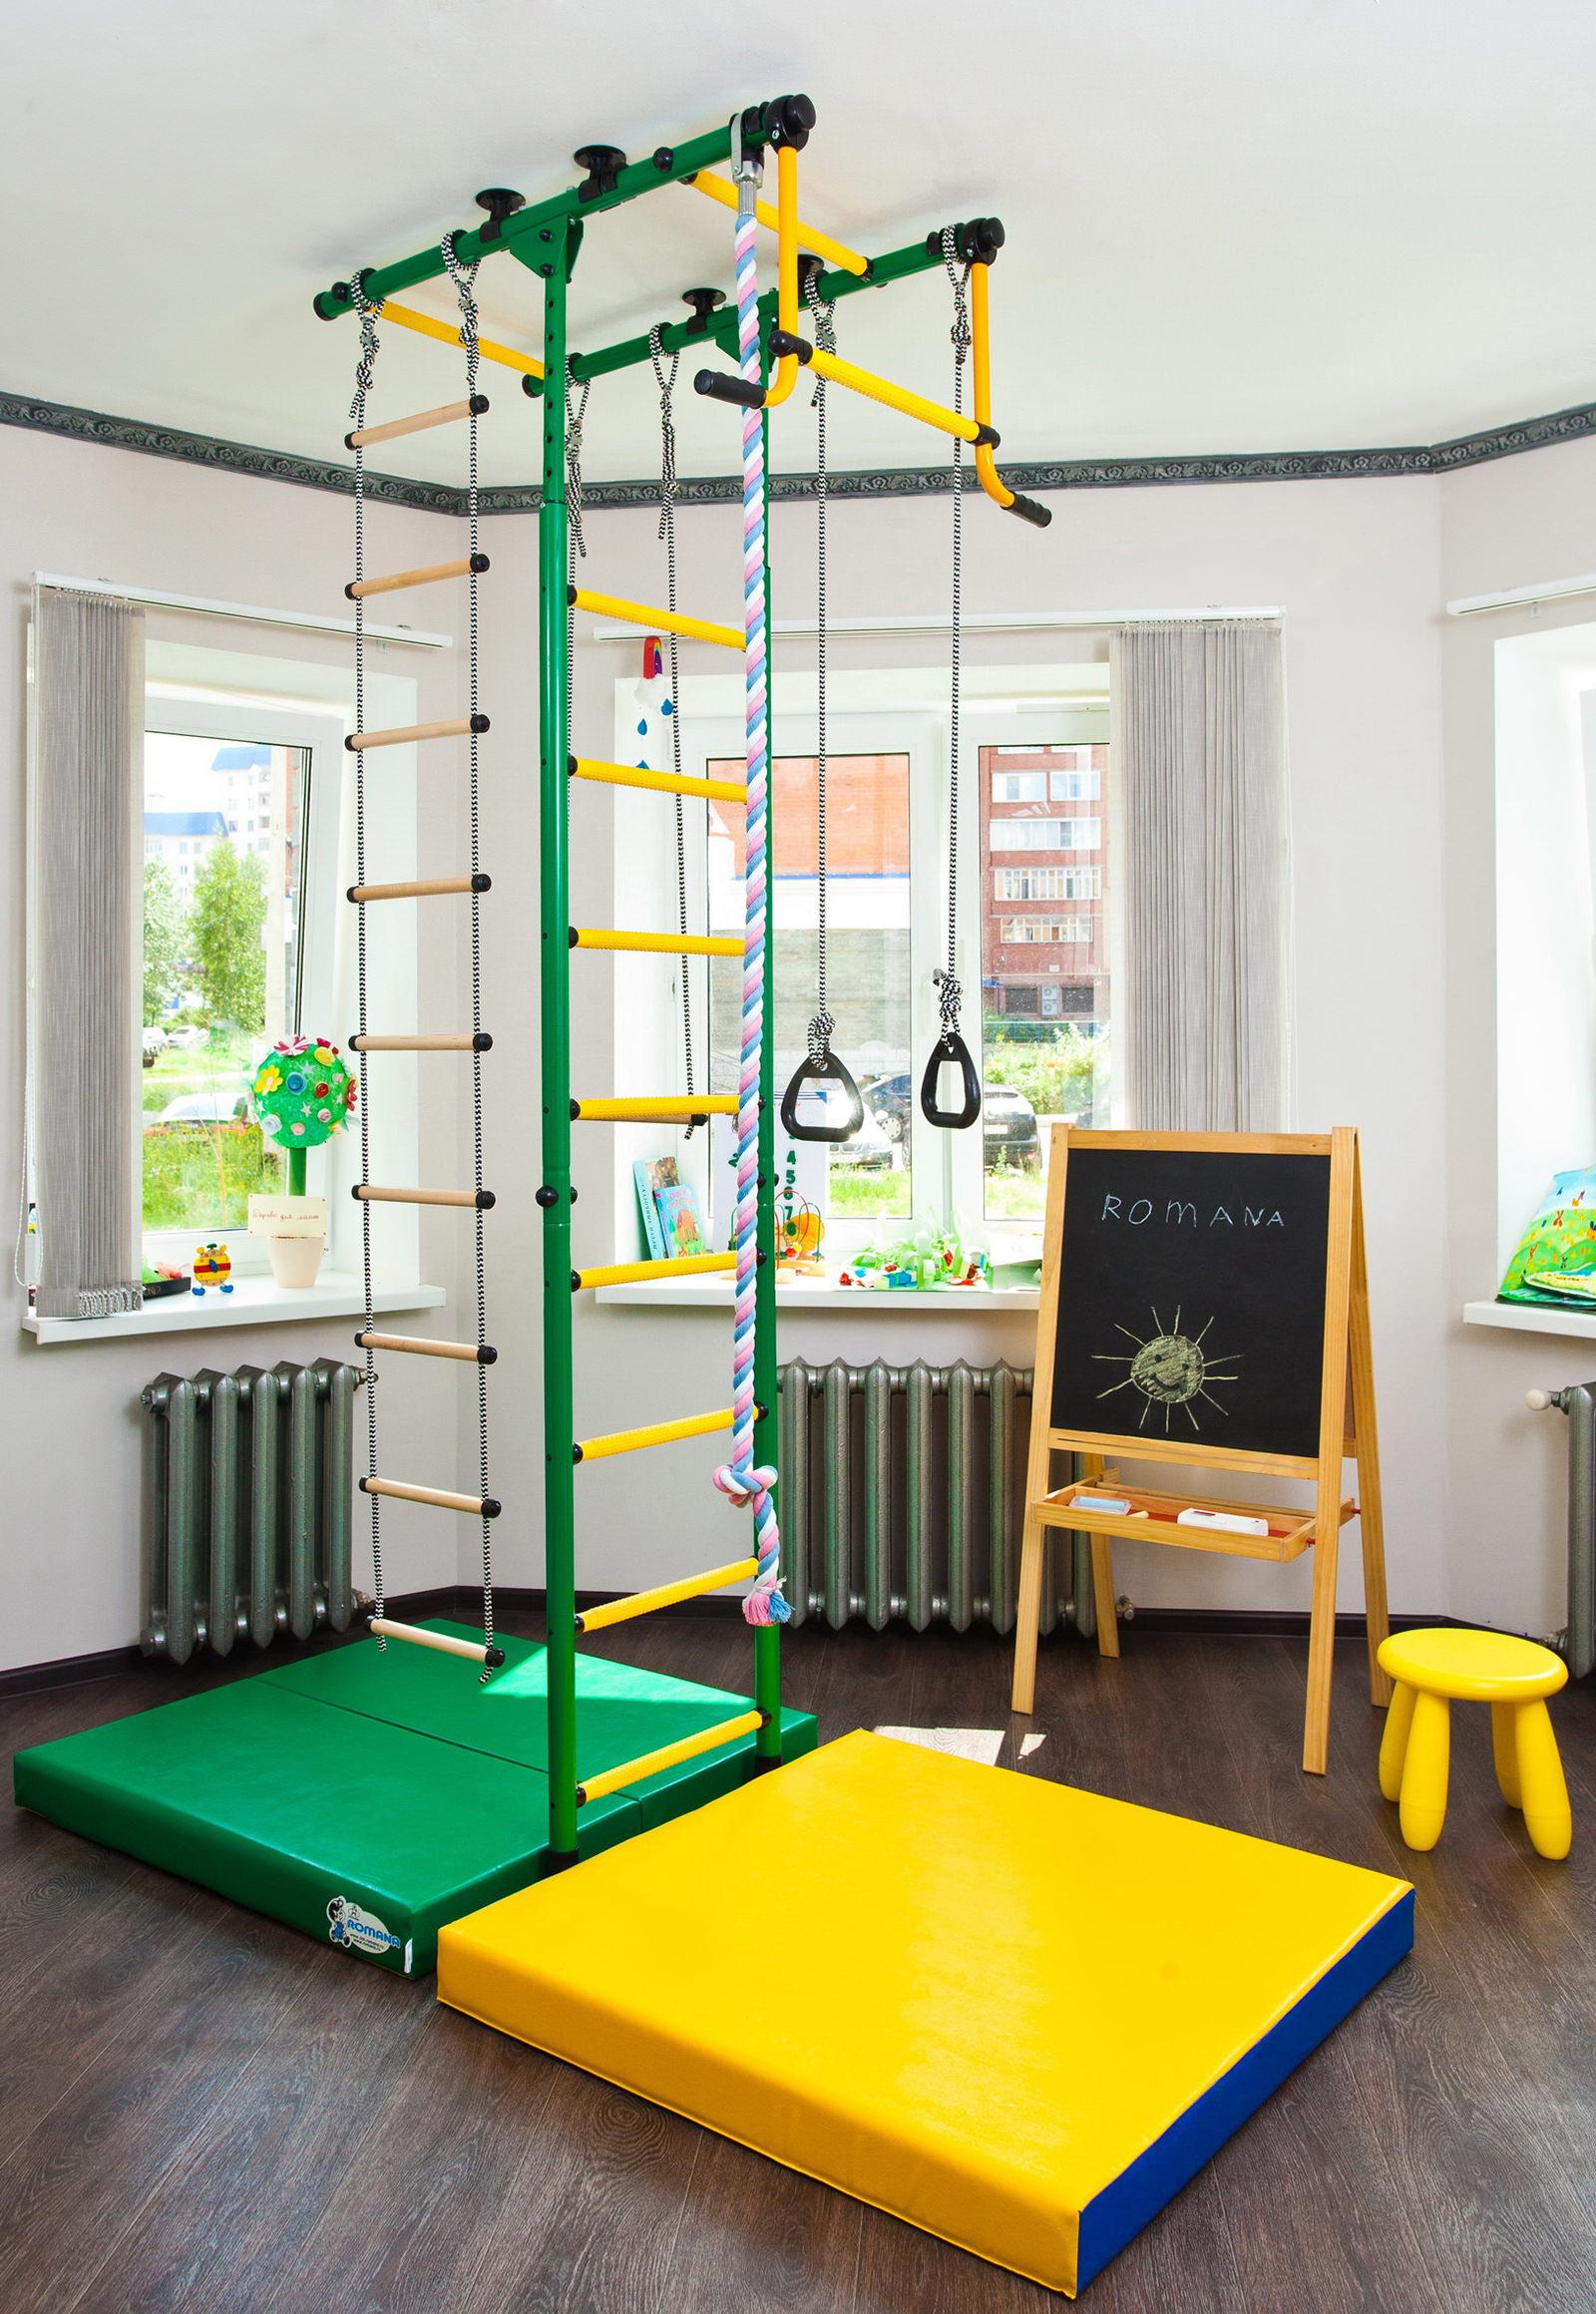 Шведская стенка в интерьере детской комнаты